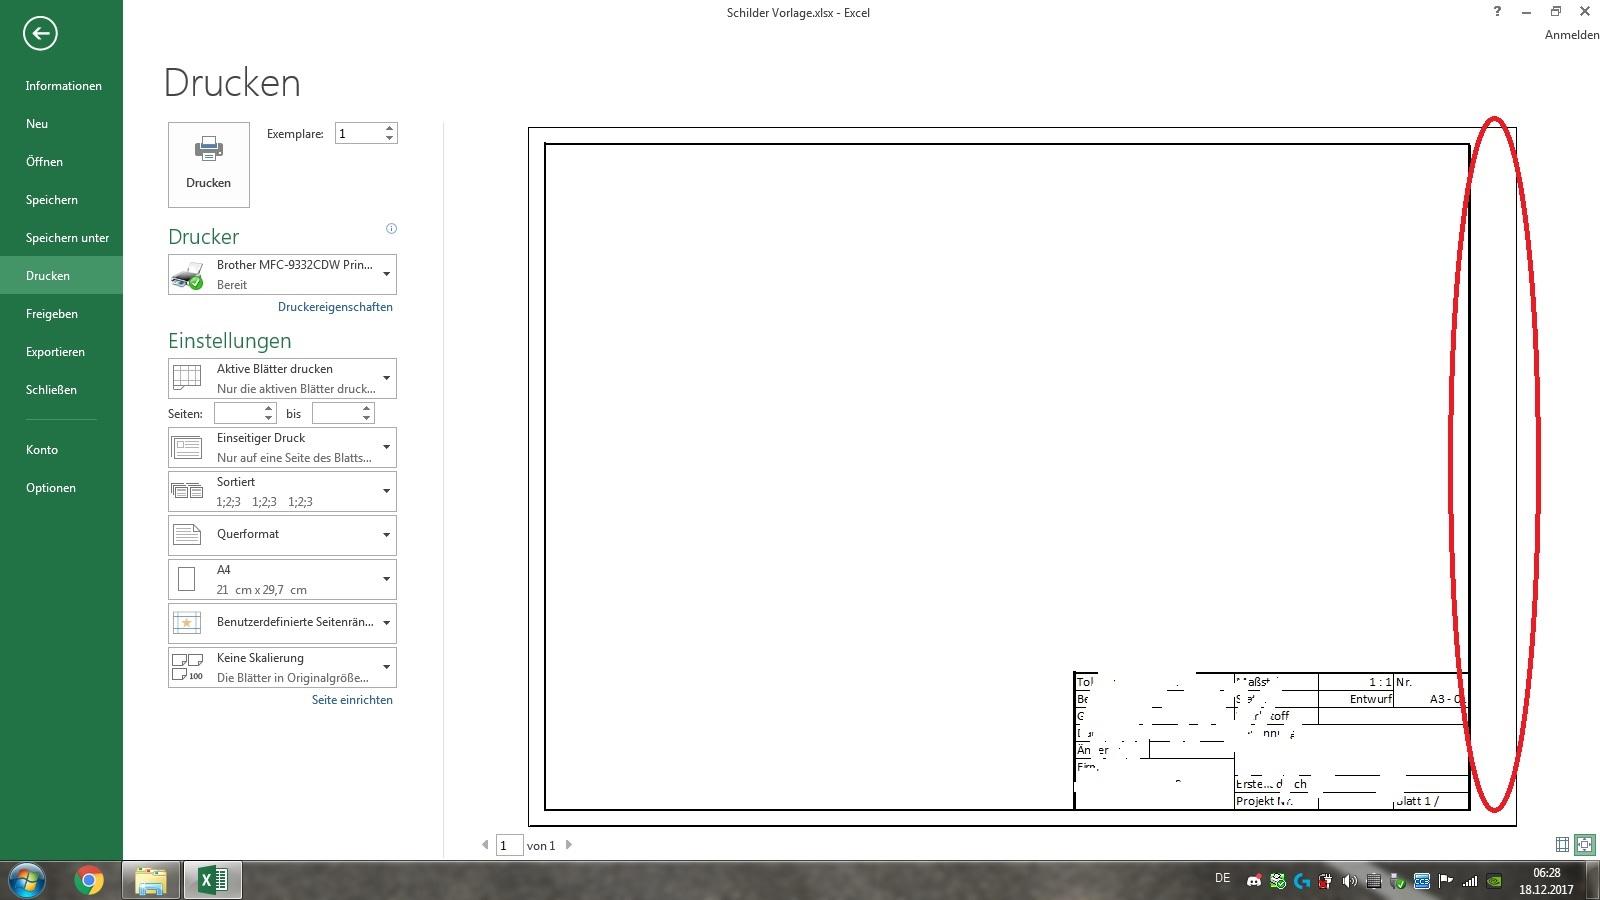 excel tabelle ohne rahmen office. Black Bedroom Furniture Sets. Home Design Ideas